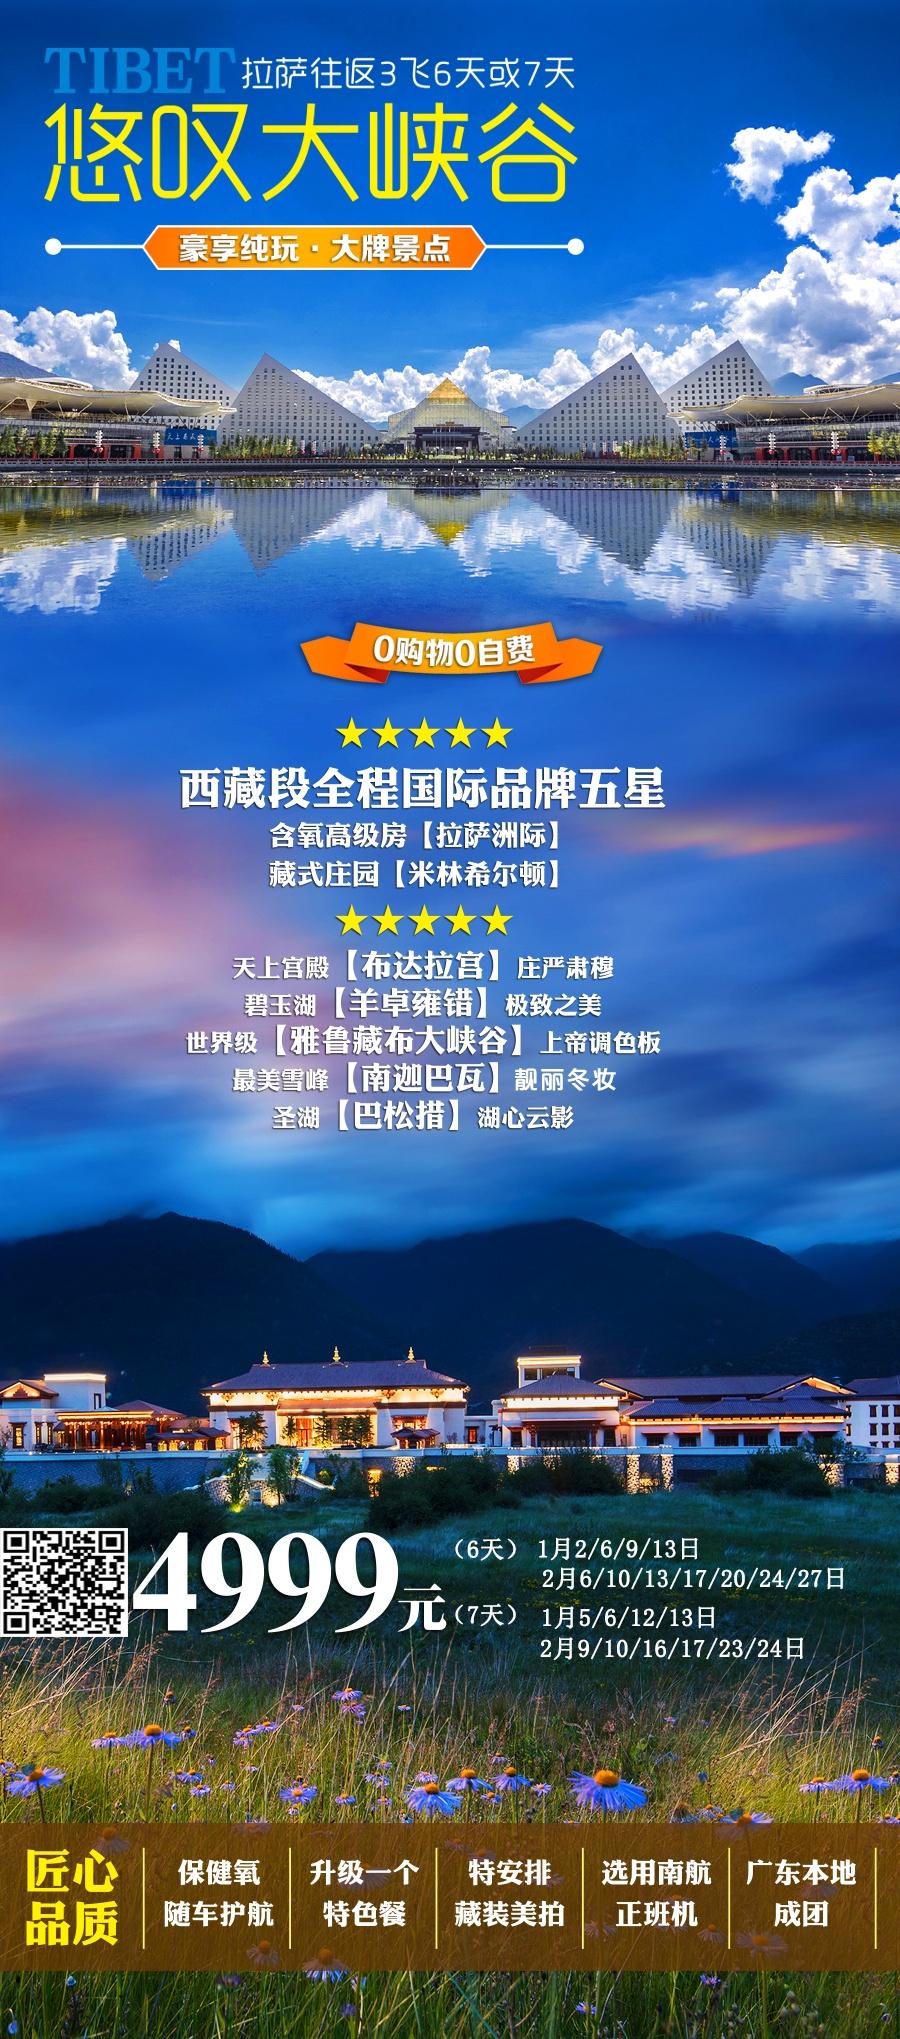 西藏環球謝婉儀15013386907.jpg